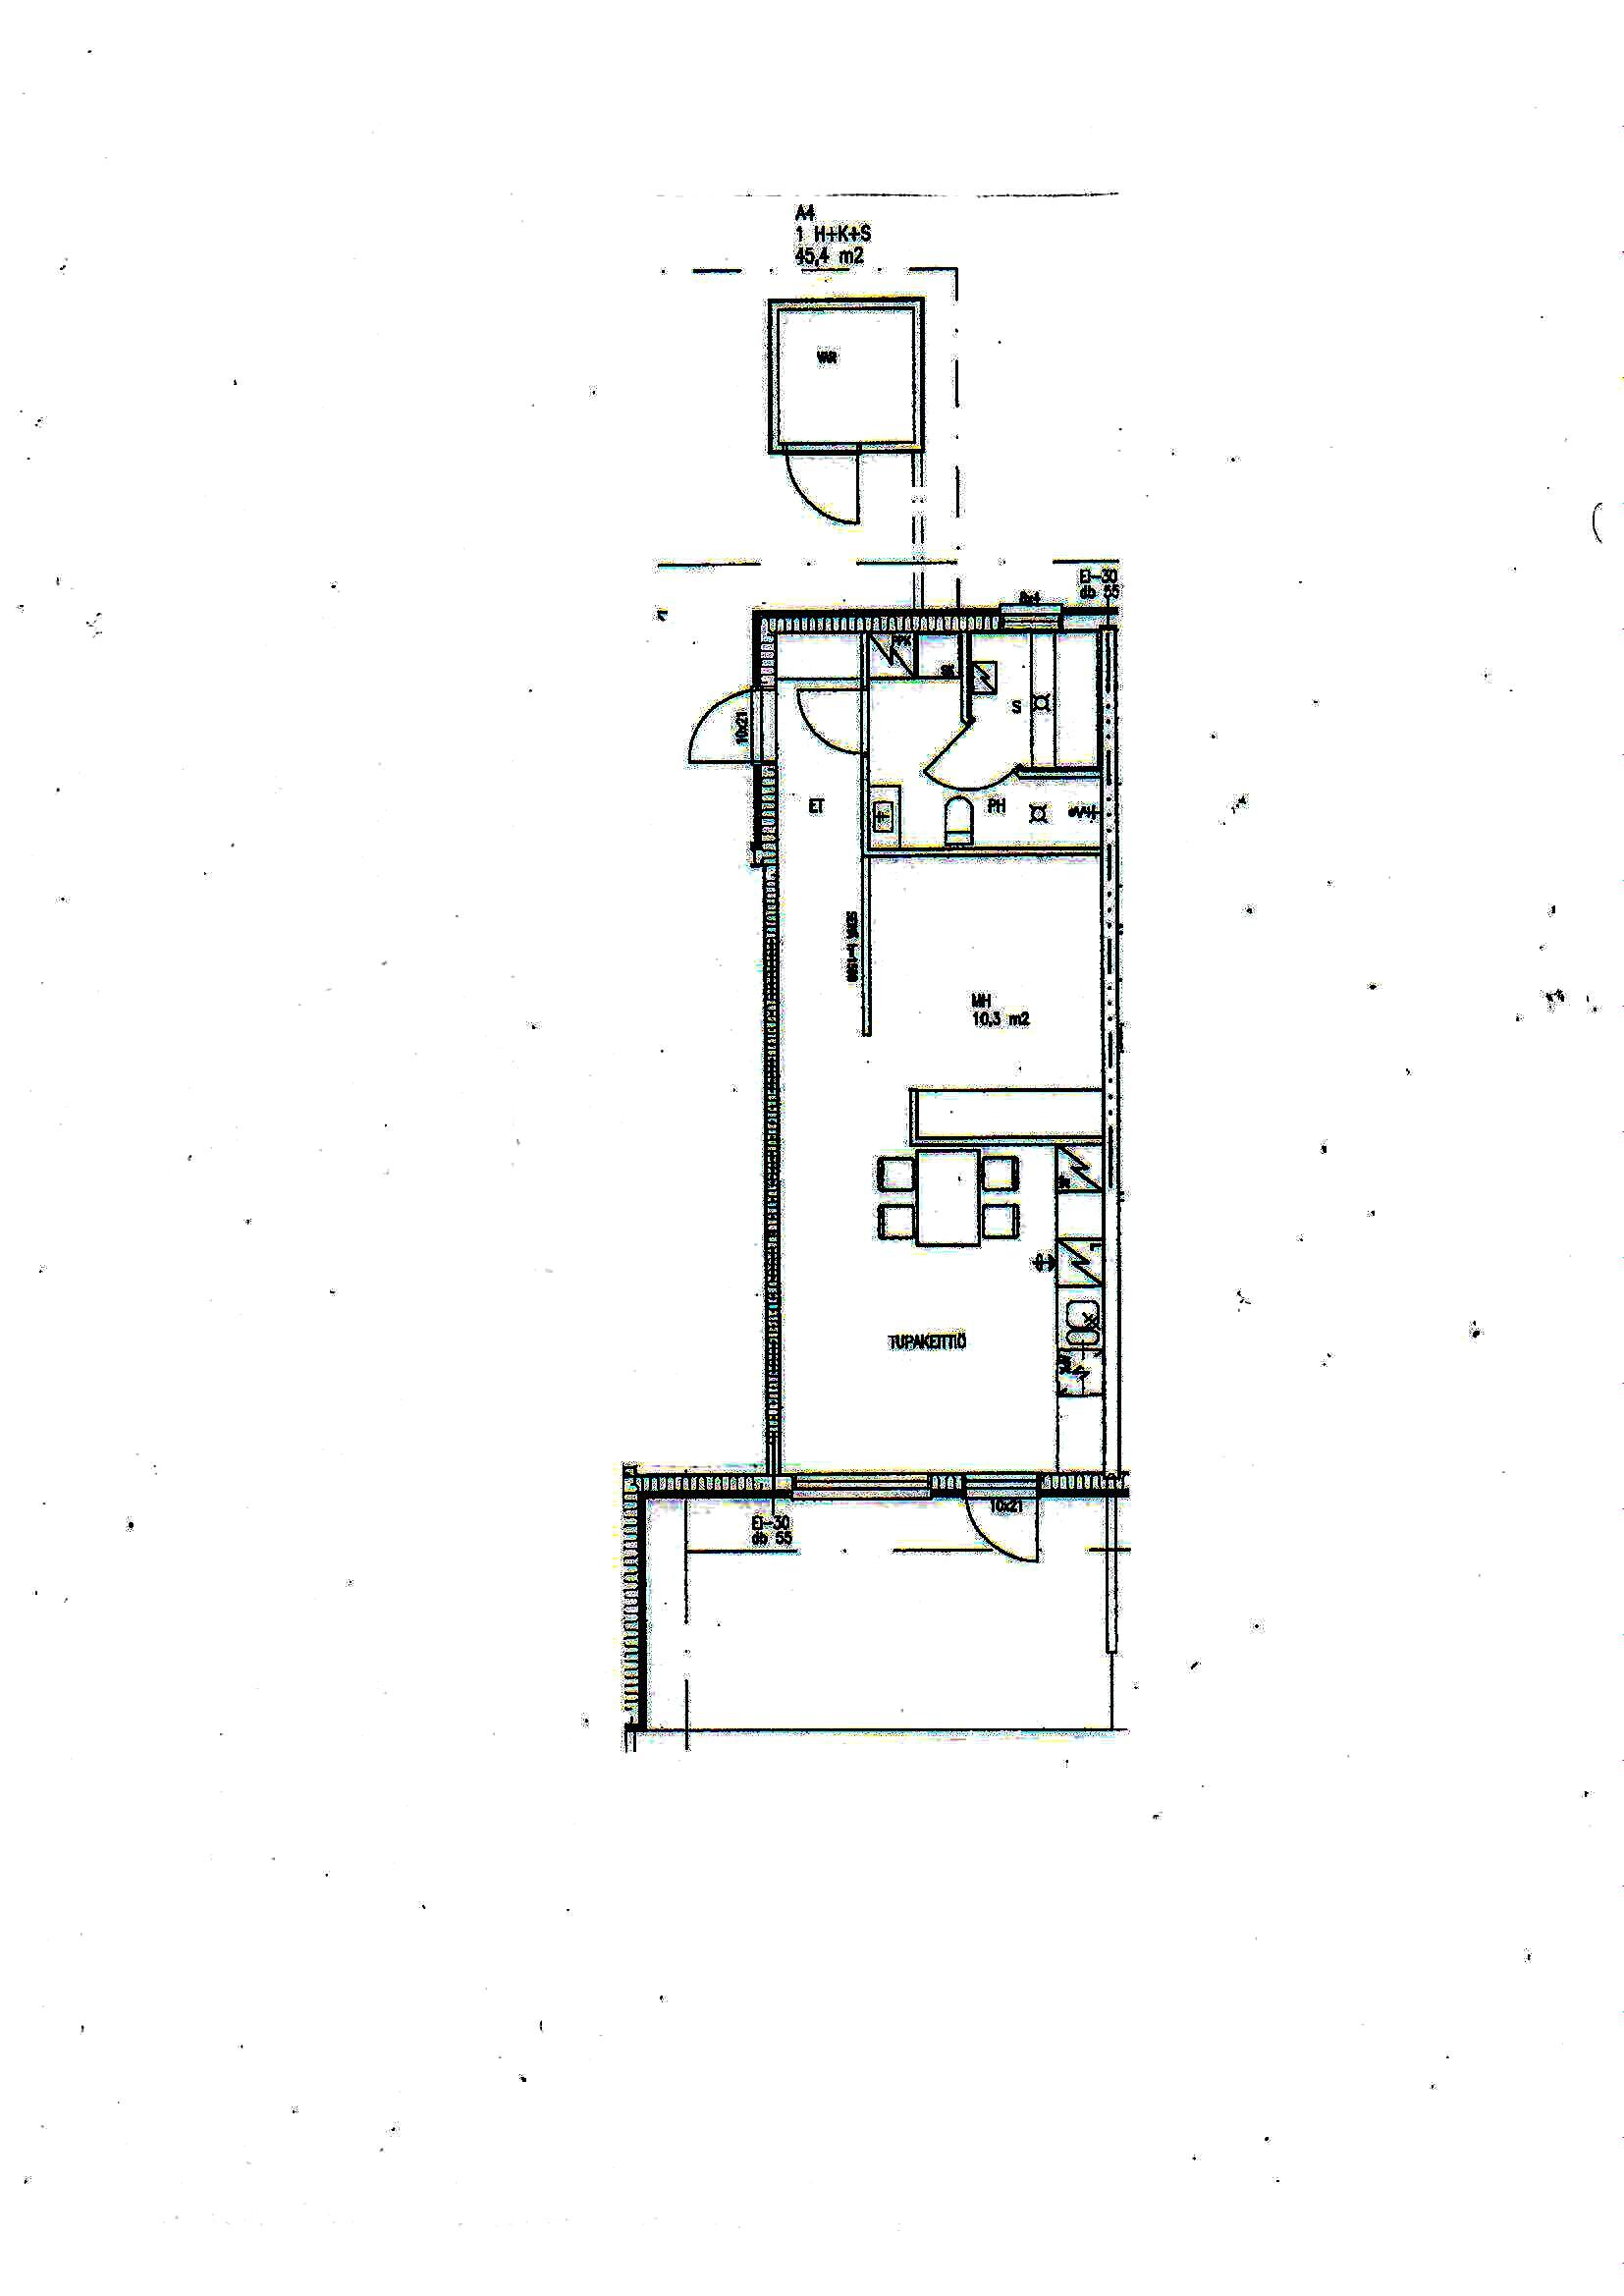 Nahinkaari 6 A4, Loimaa